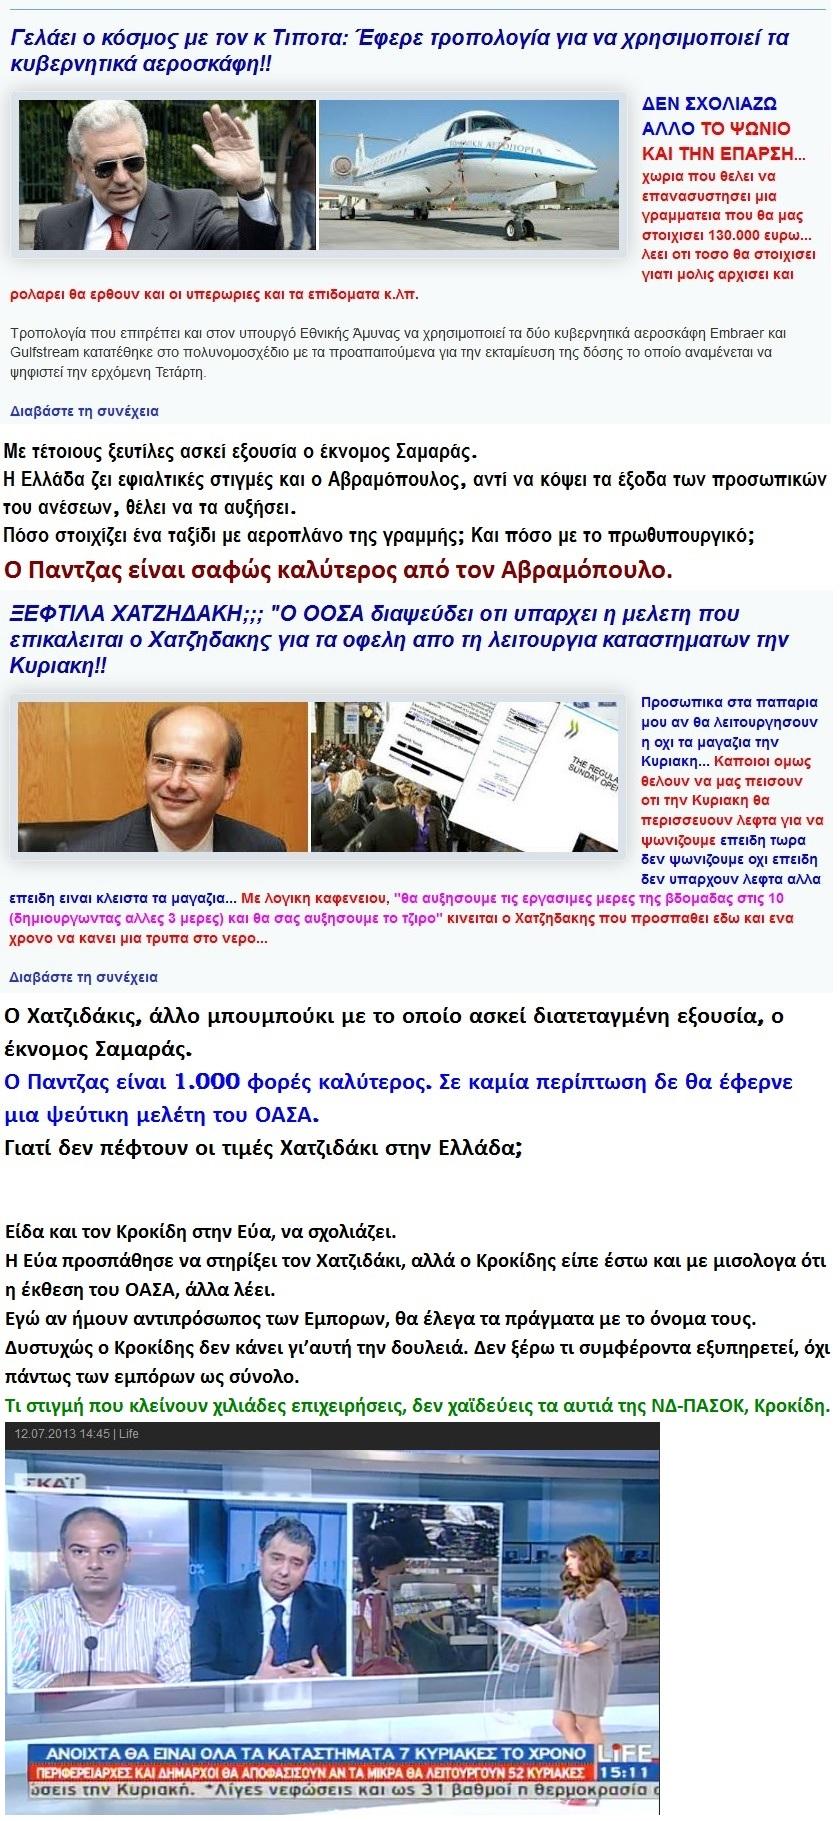 ELLADA ABRAMOPOULOS XATZIDAKIS 01 01 130713